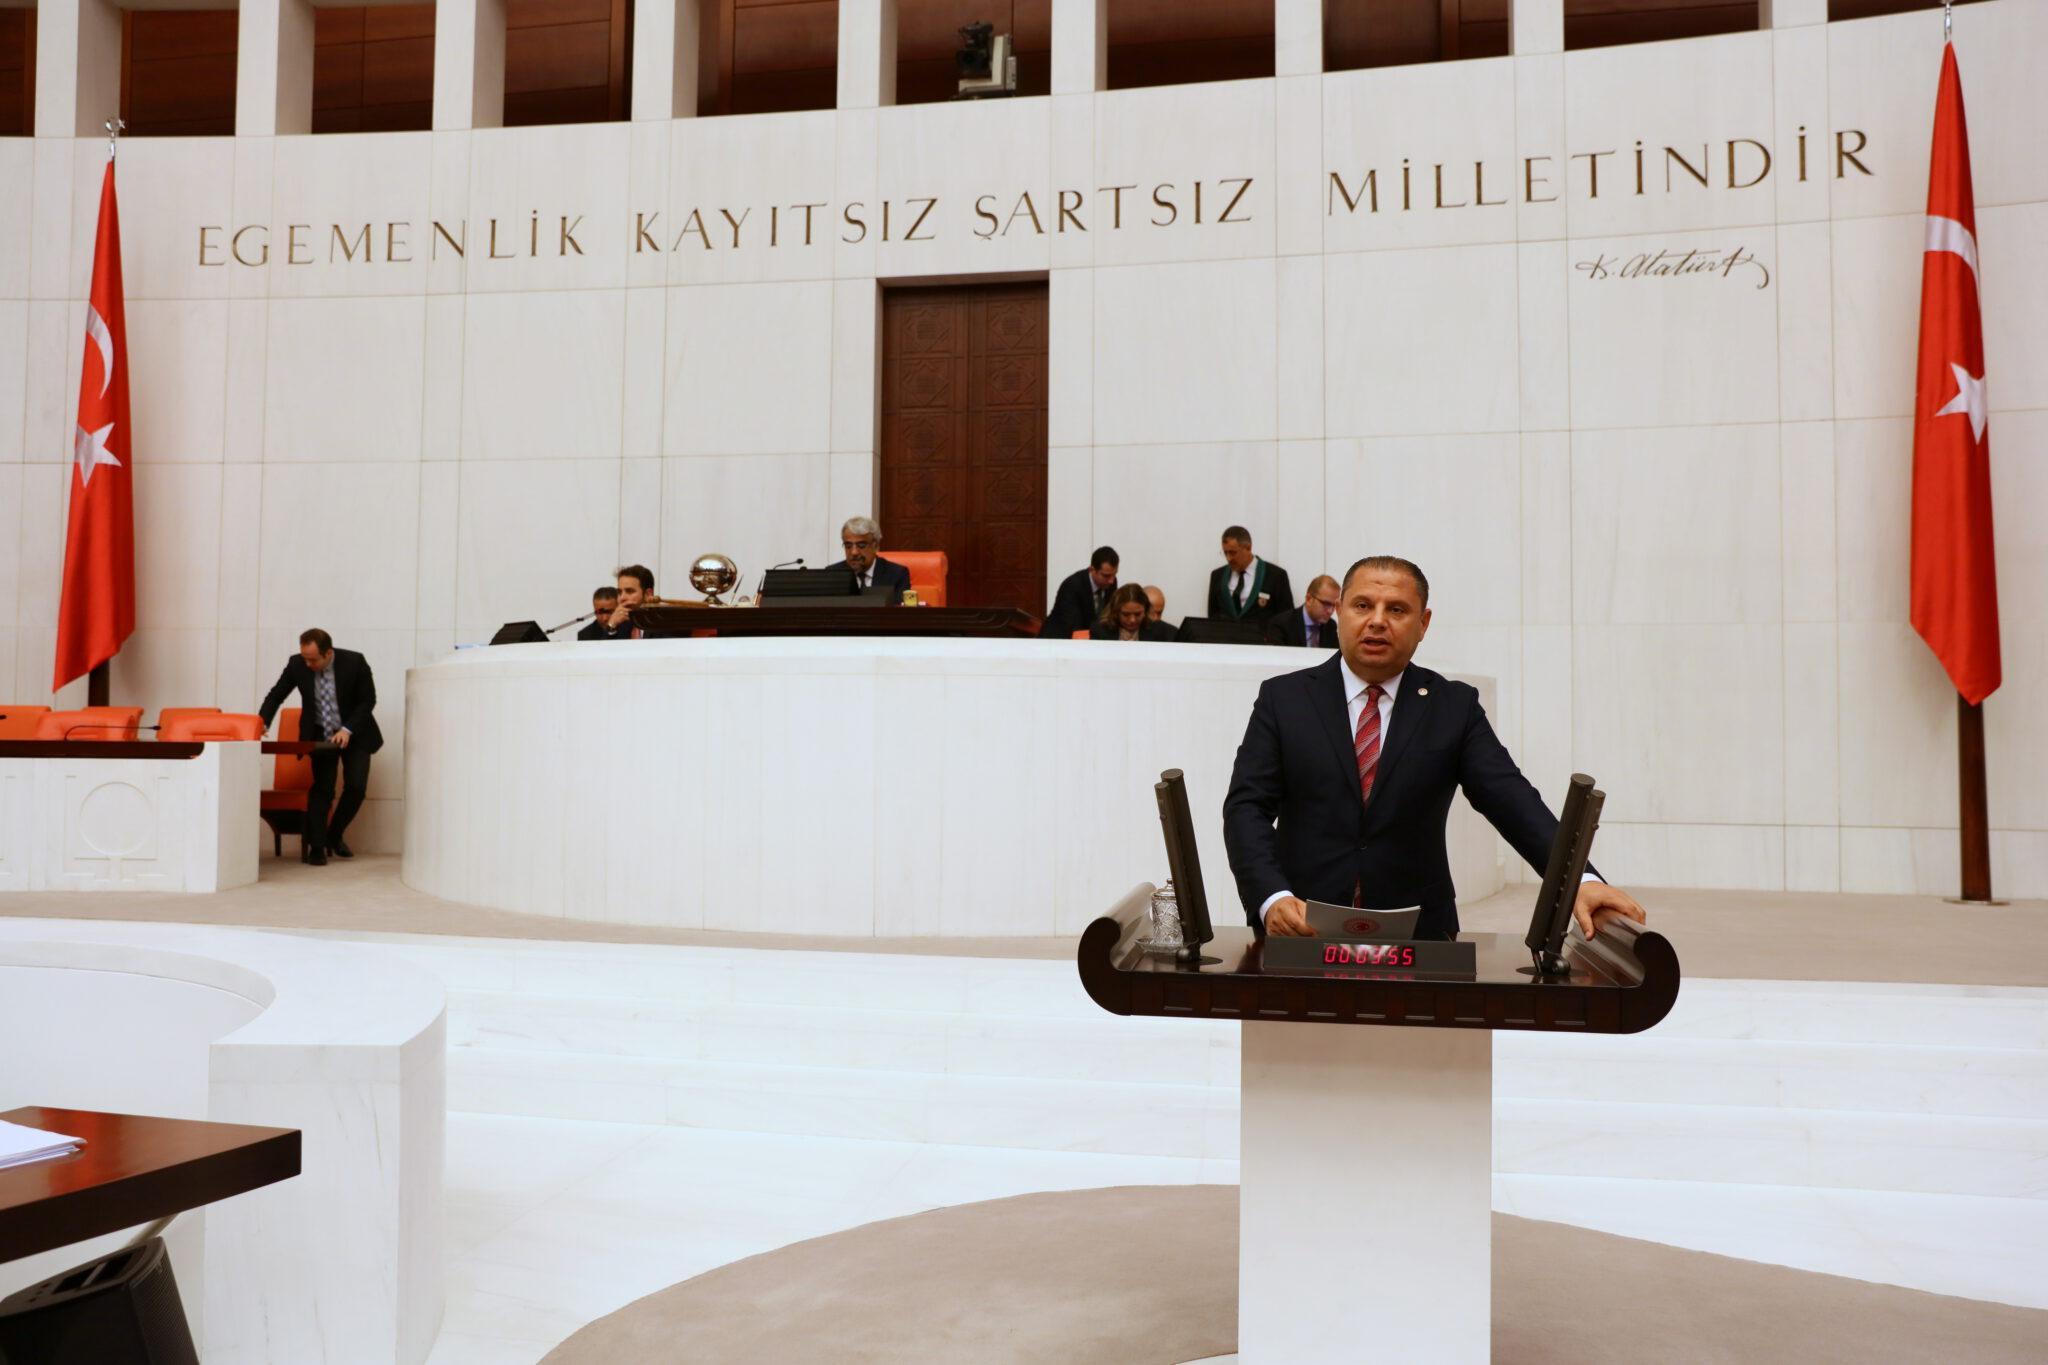 MHP Türkiye için göğsünü siper etmiştir 2 - MHP Türkiye için göğsünü siper etmiştir